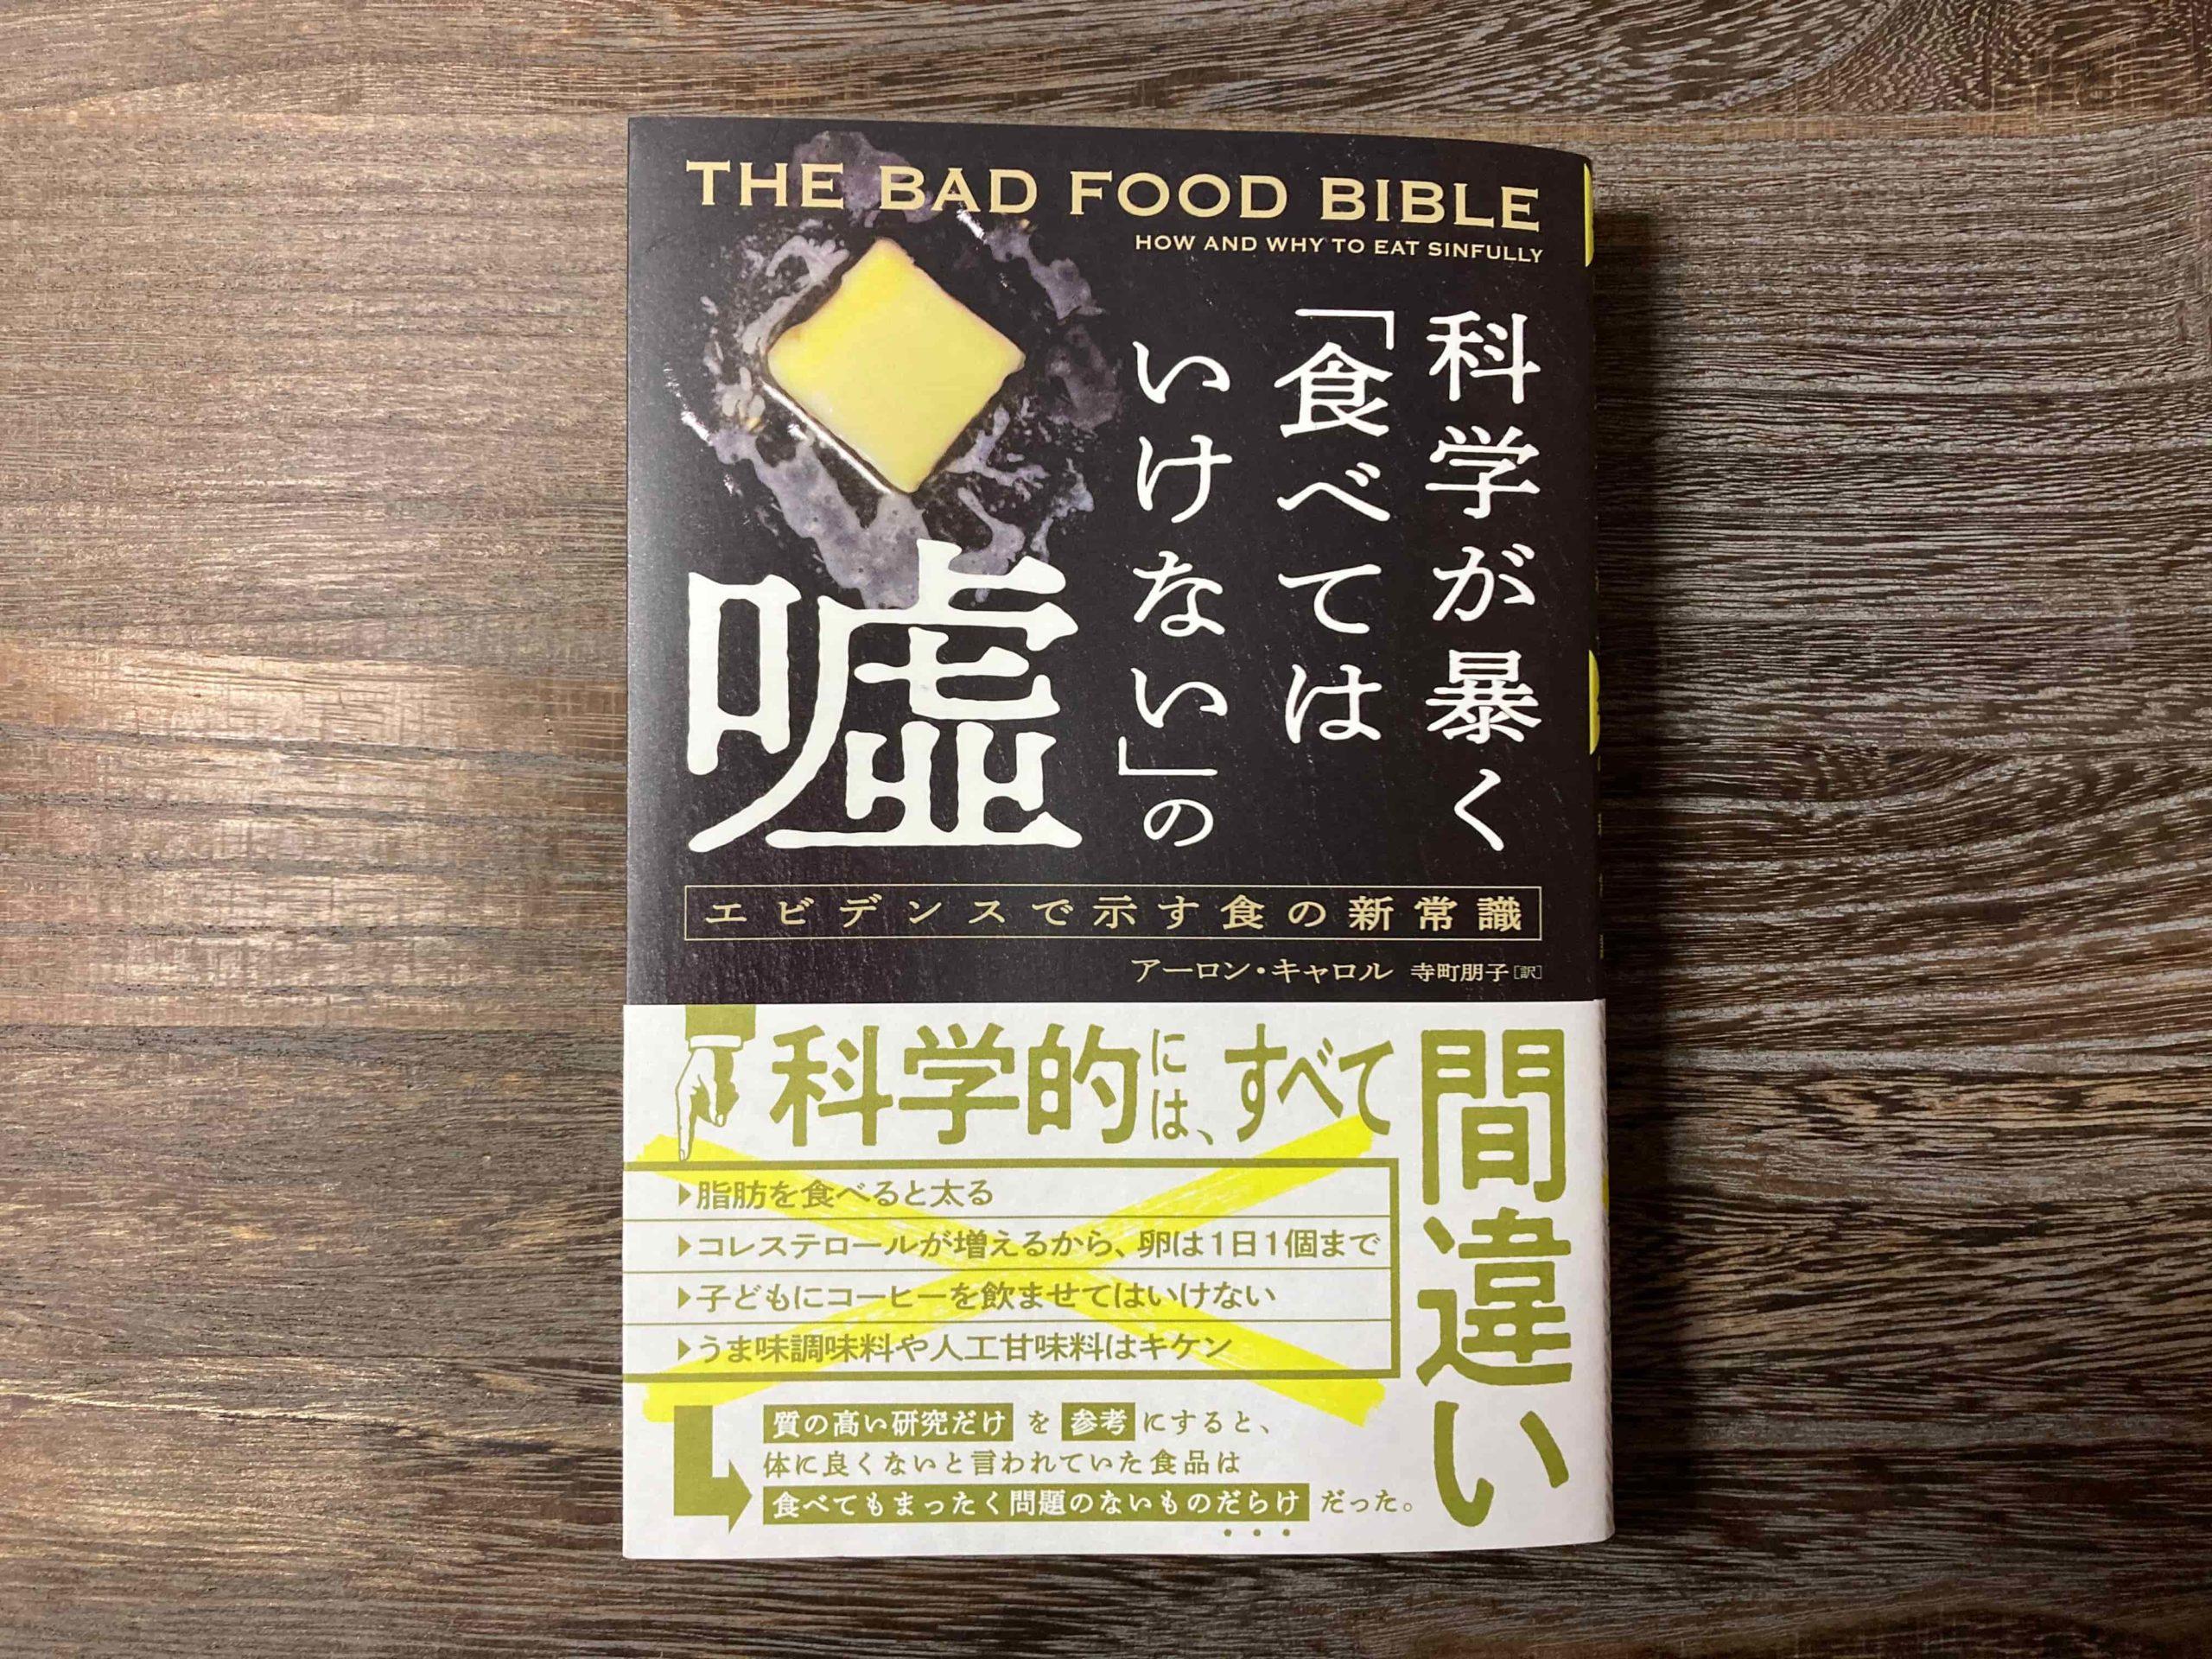 科学が暴く「食べてはいけない」の嘘 エビデンスで示す食の新常識 写真